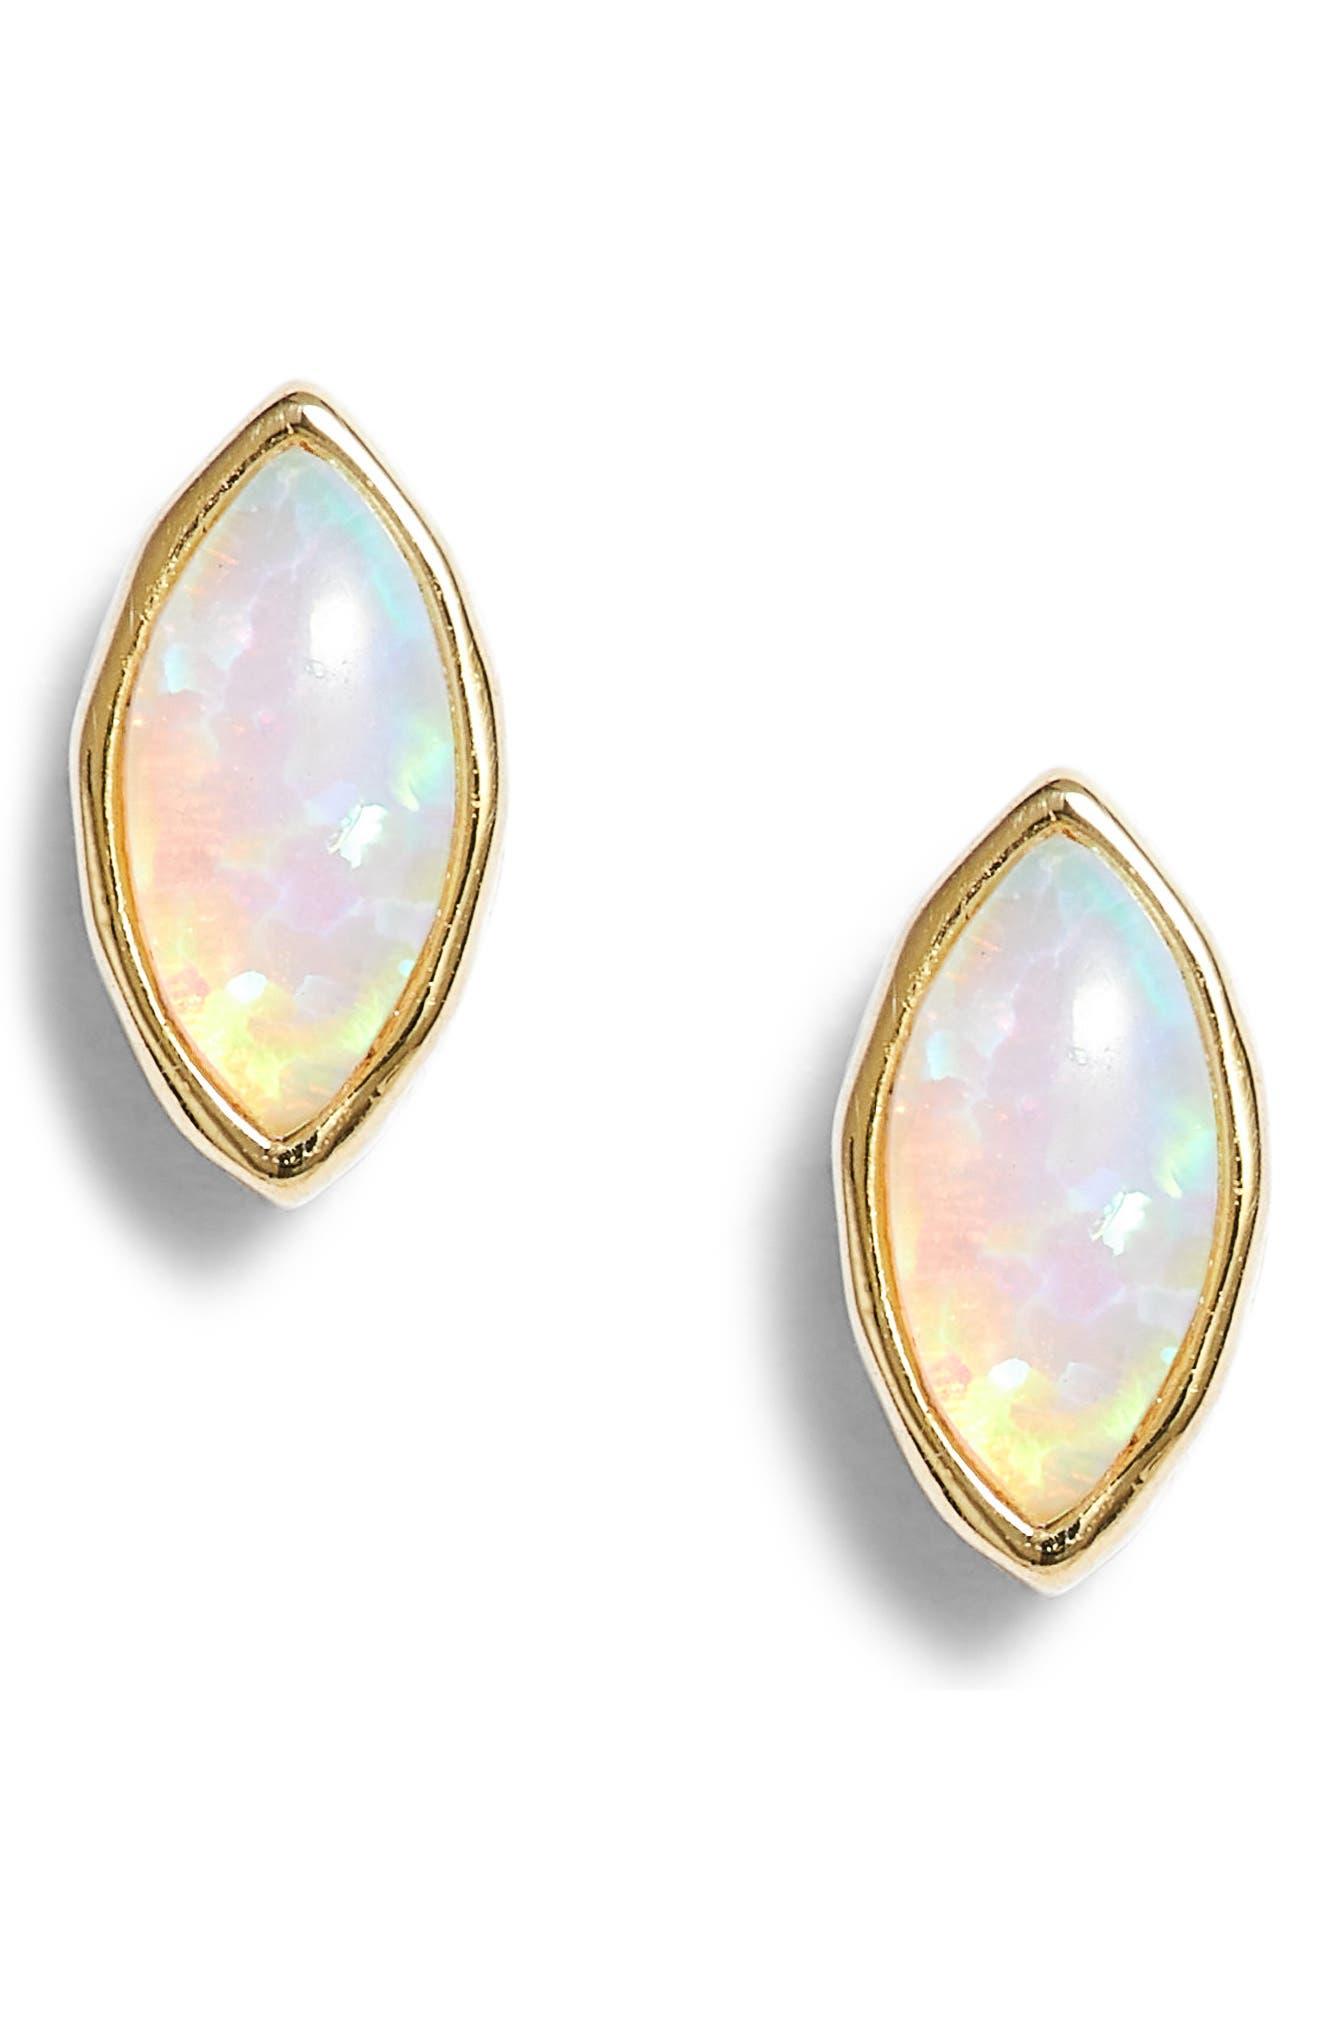 Rumi Opalite Stud Earrings,                         Main,                         color,